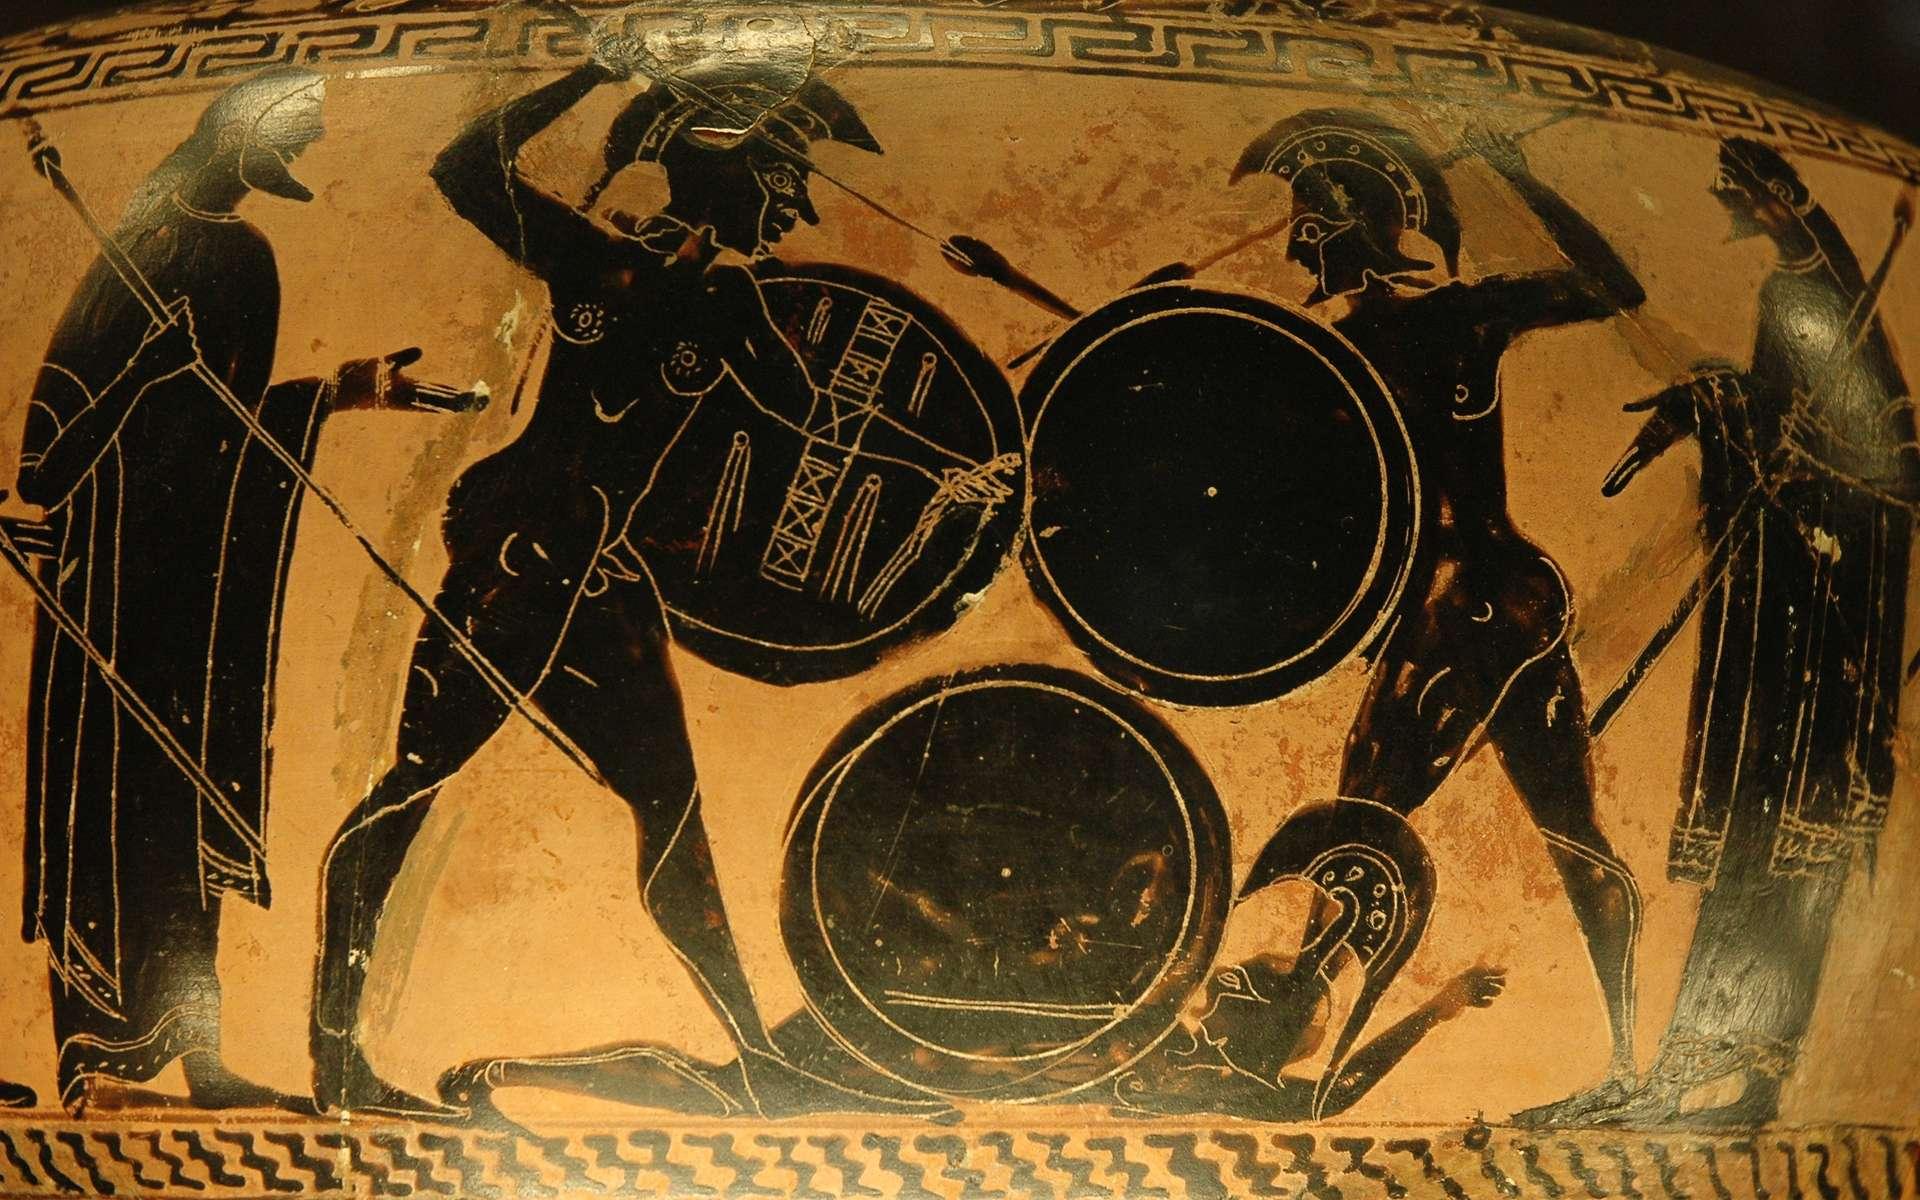 Combat d'hoplites, les fantassins de la Grèce antique. Musée du Louvre. © Jastrow, Wikimedia Commons, domaine public